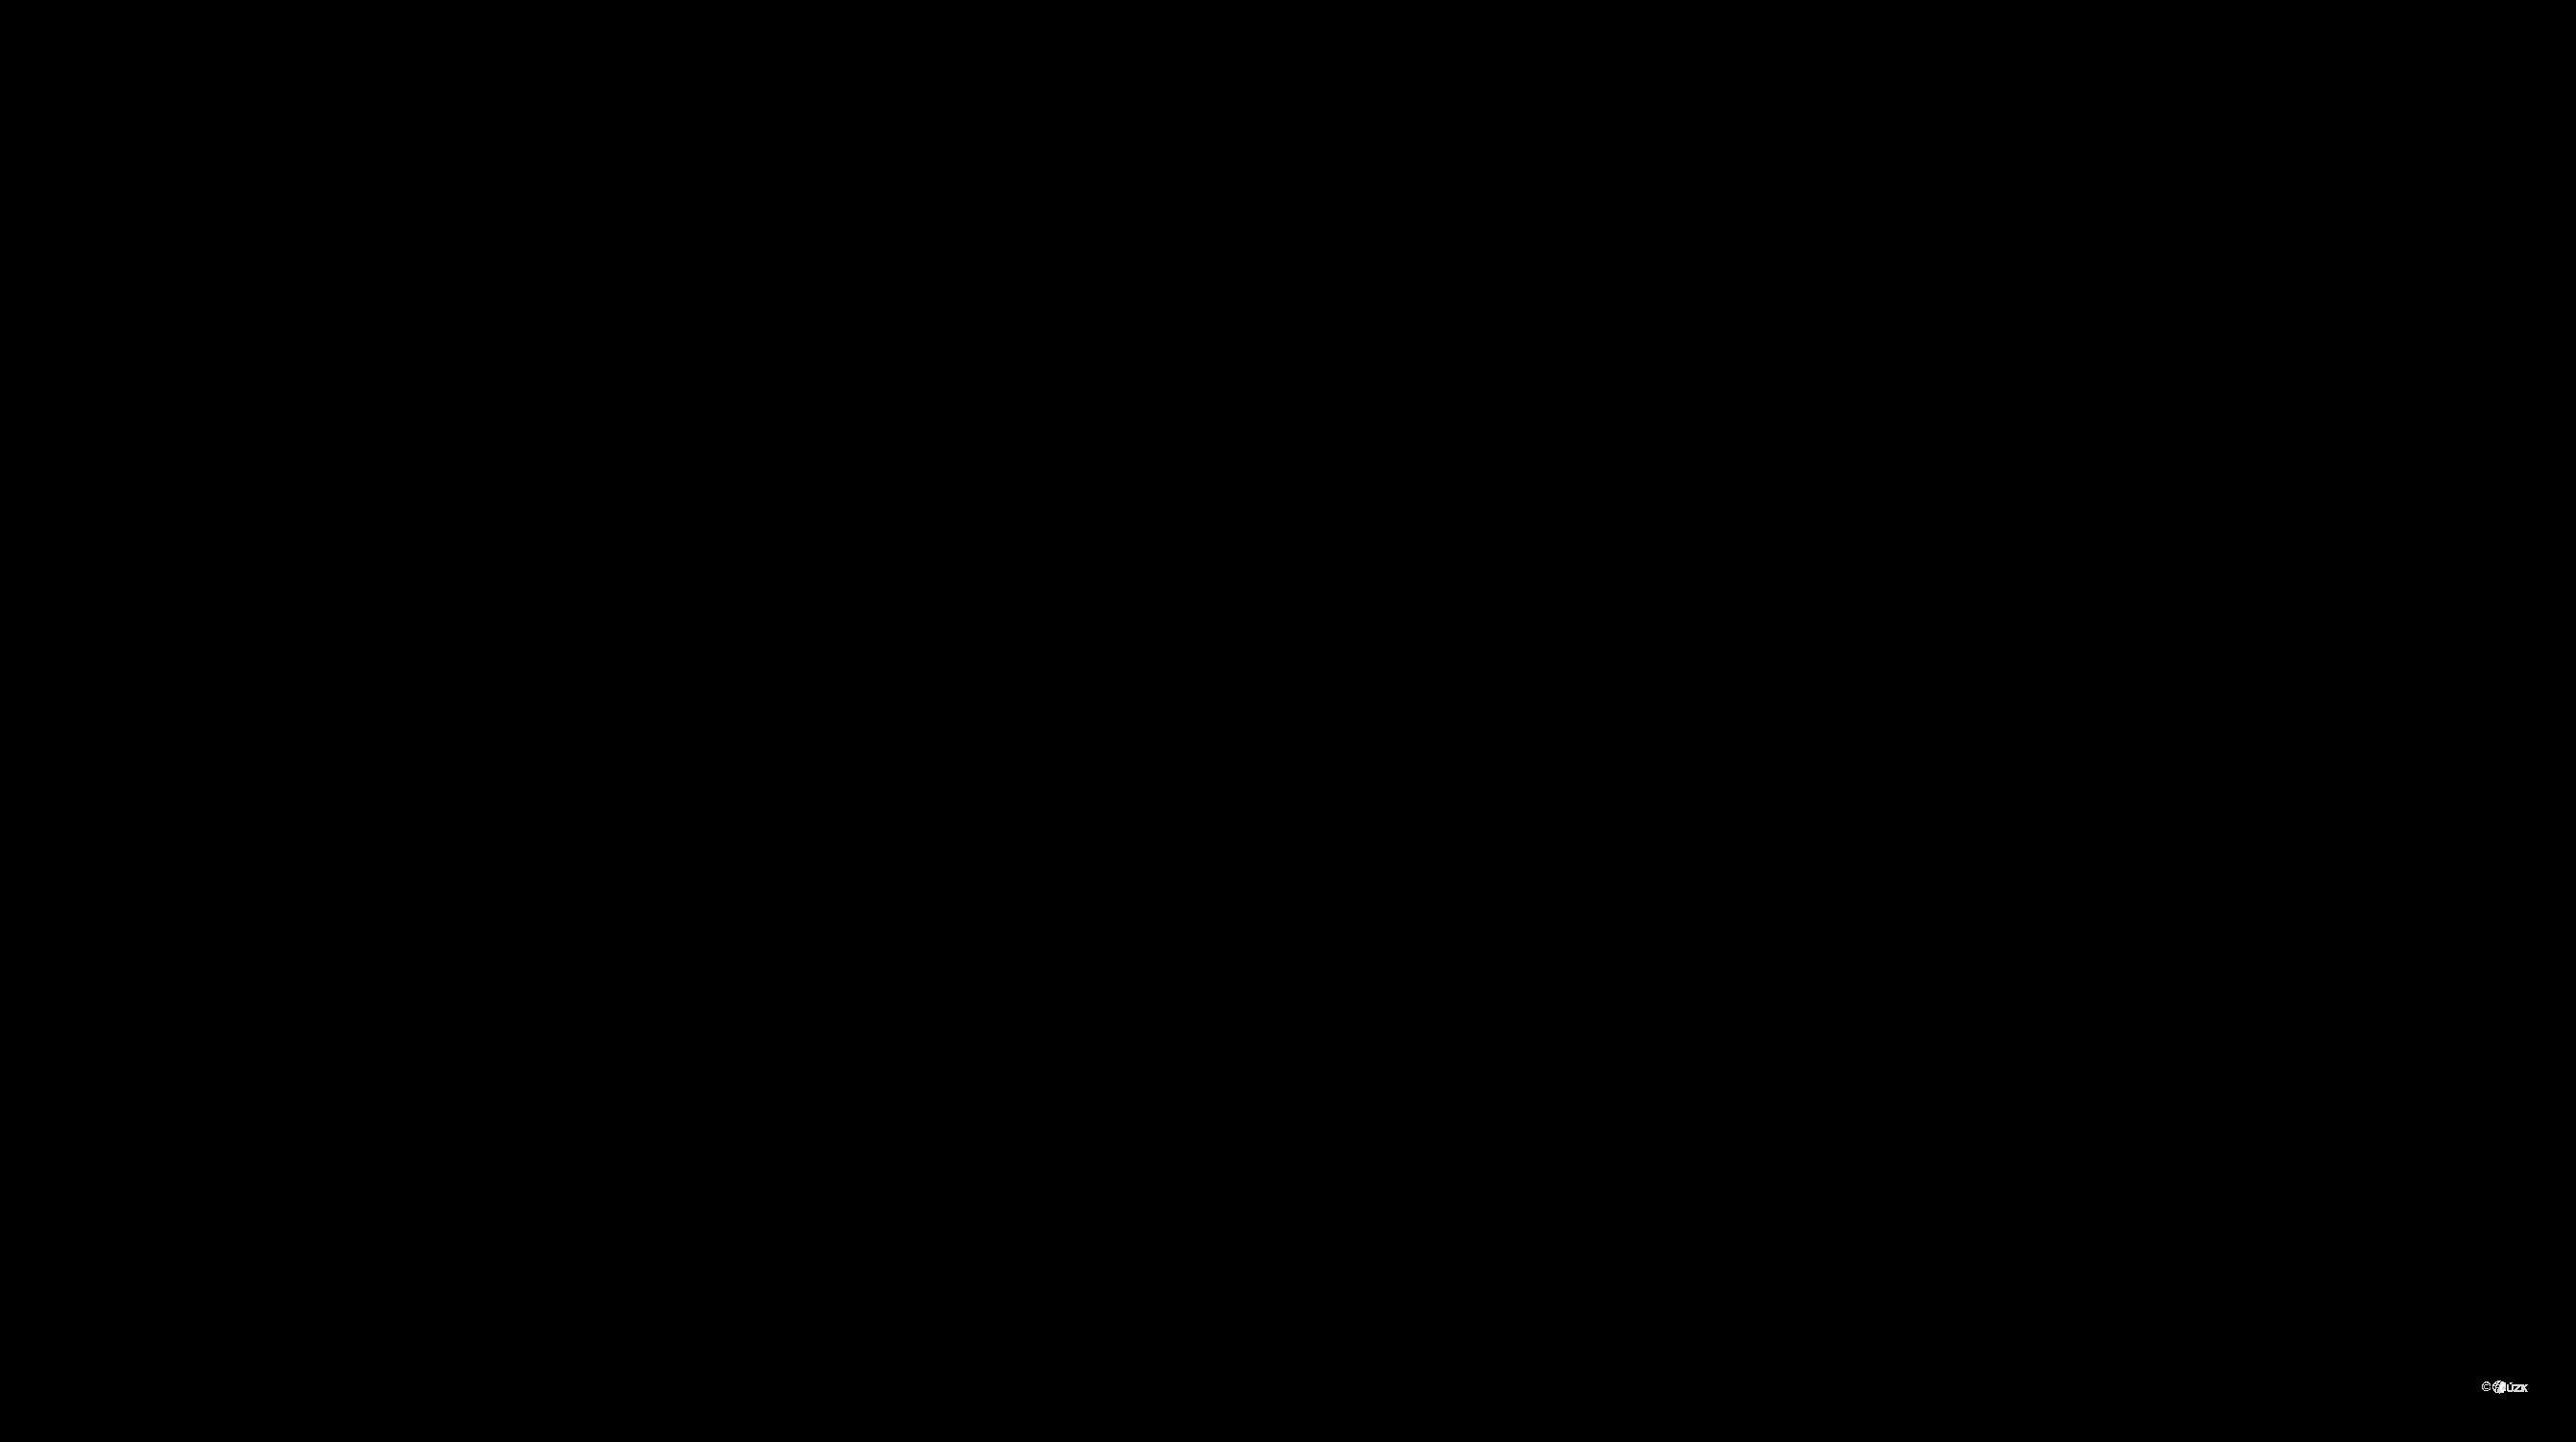 Katastrální mapa pozemků a čísla parcel Bzová u Hořovic